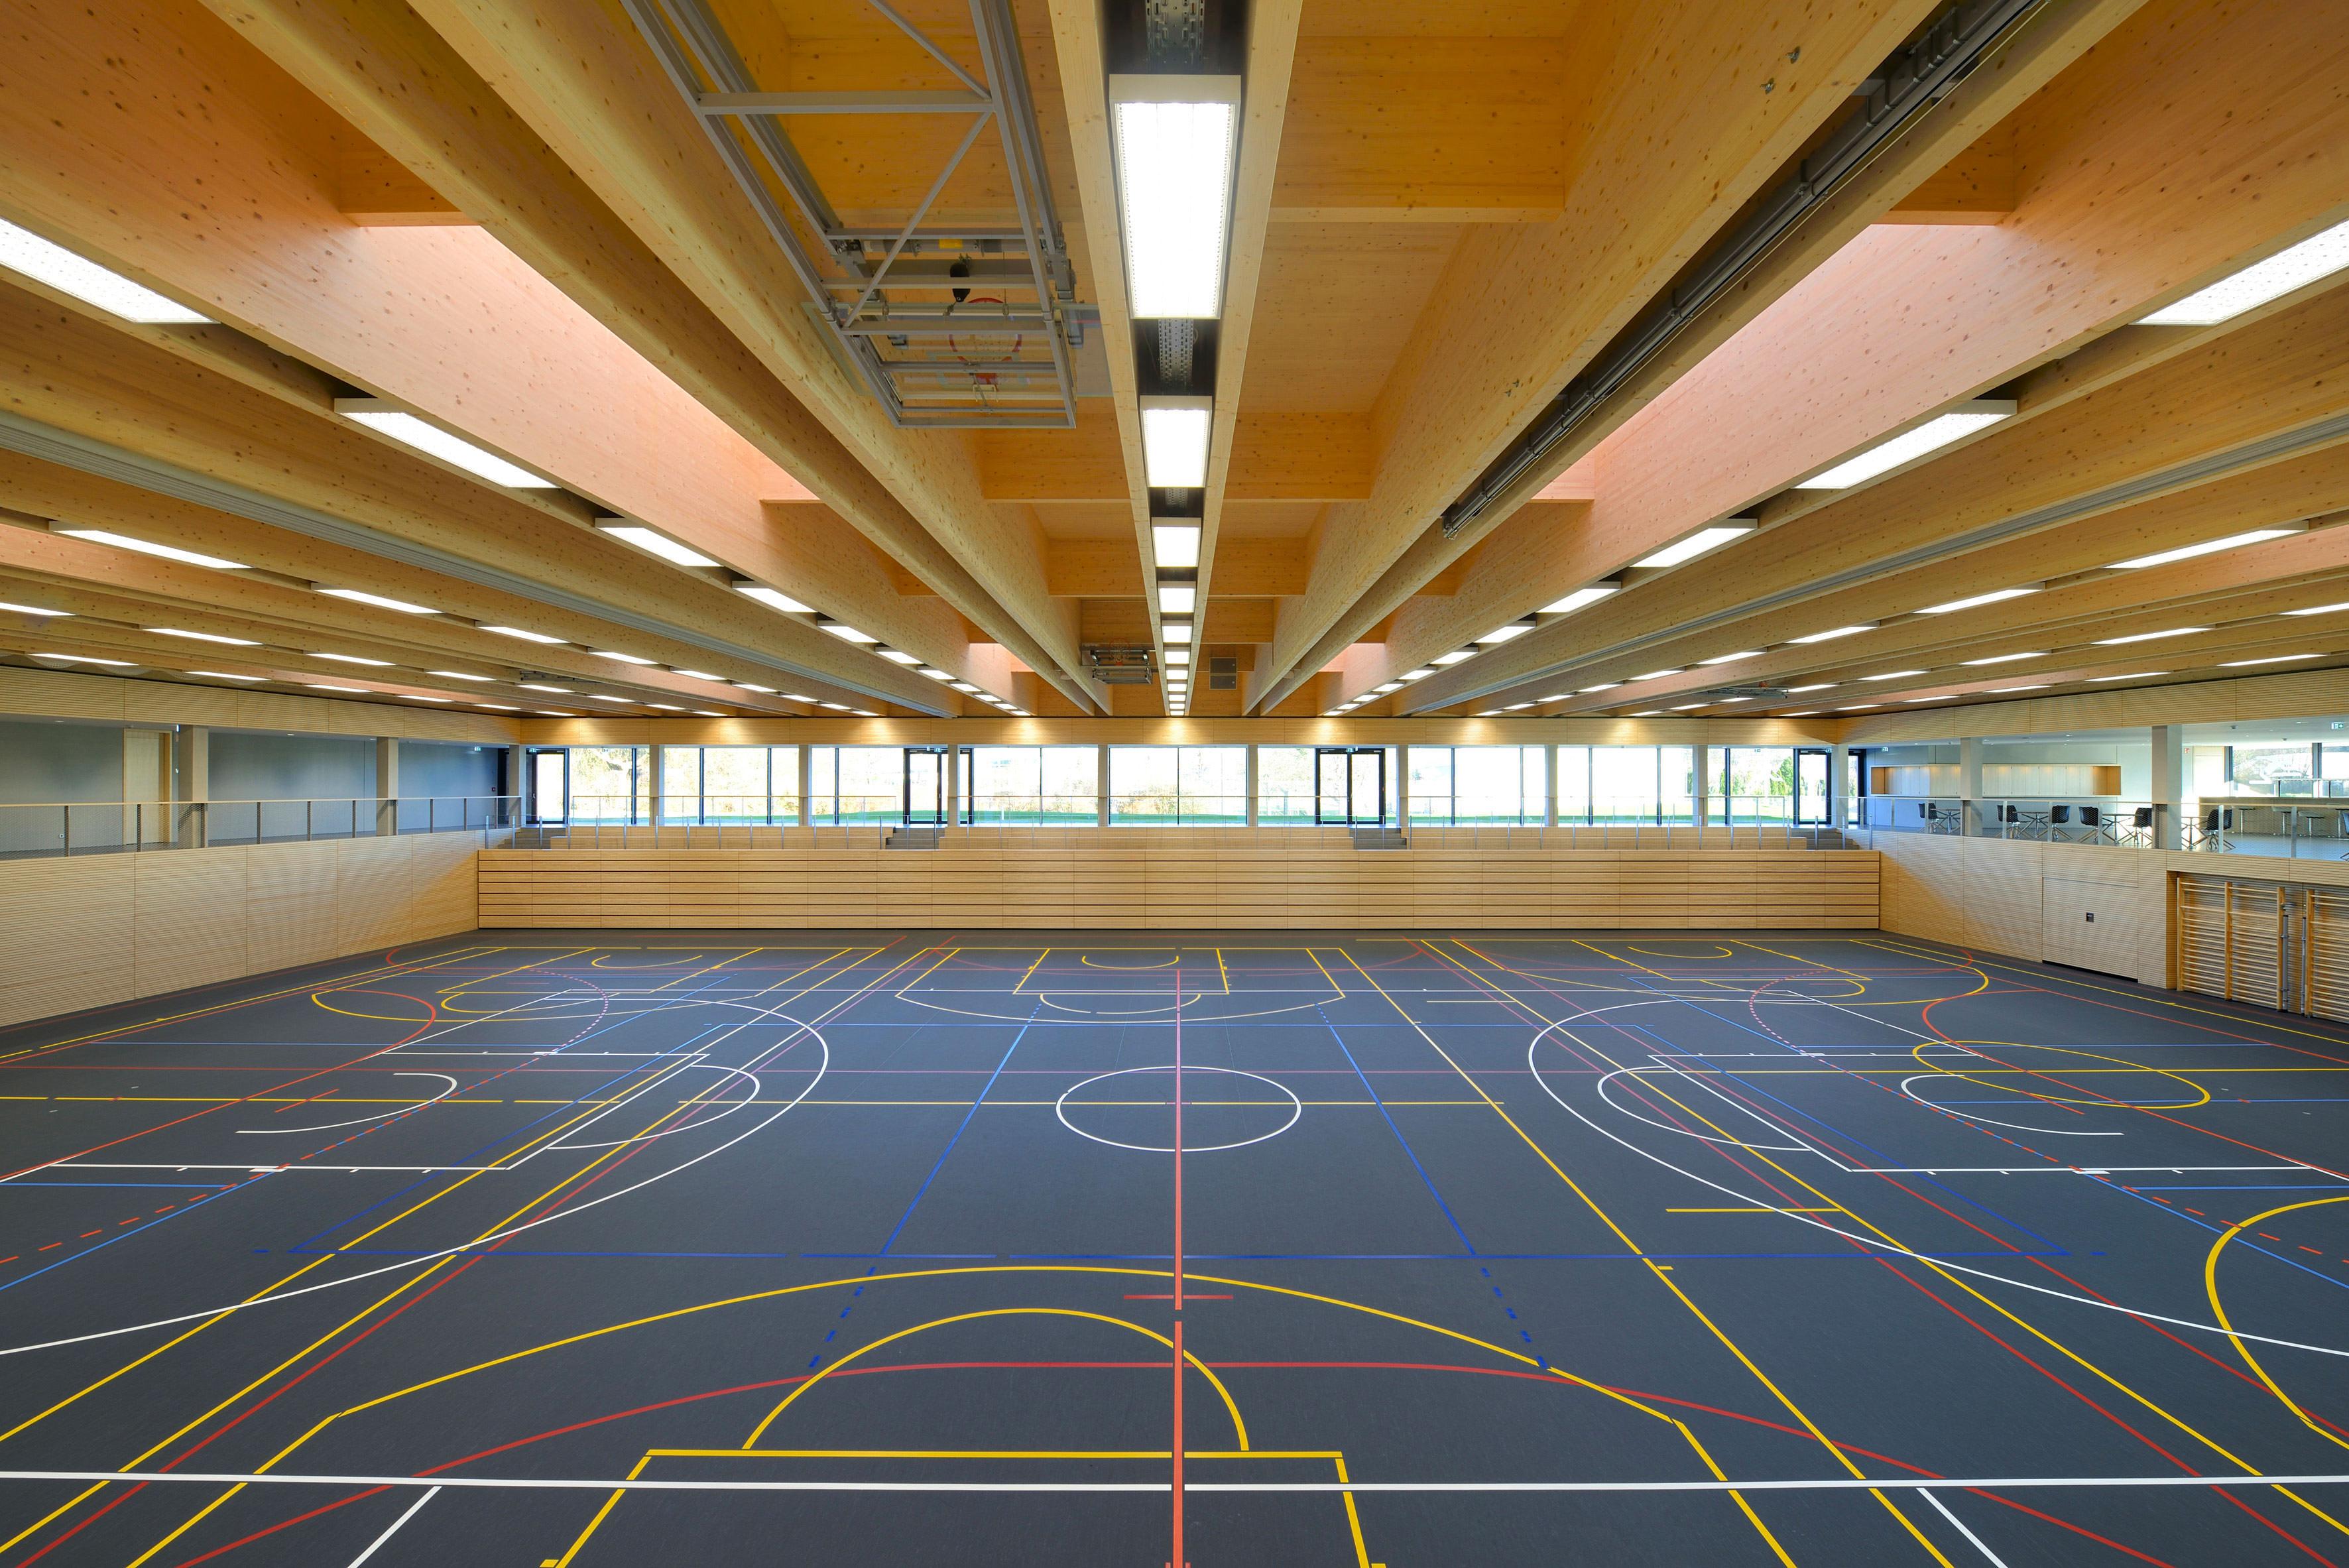 Sporthalle Stadtbergen mit tiefer gelegtem Spielfeld und schwarzem ...